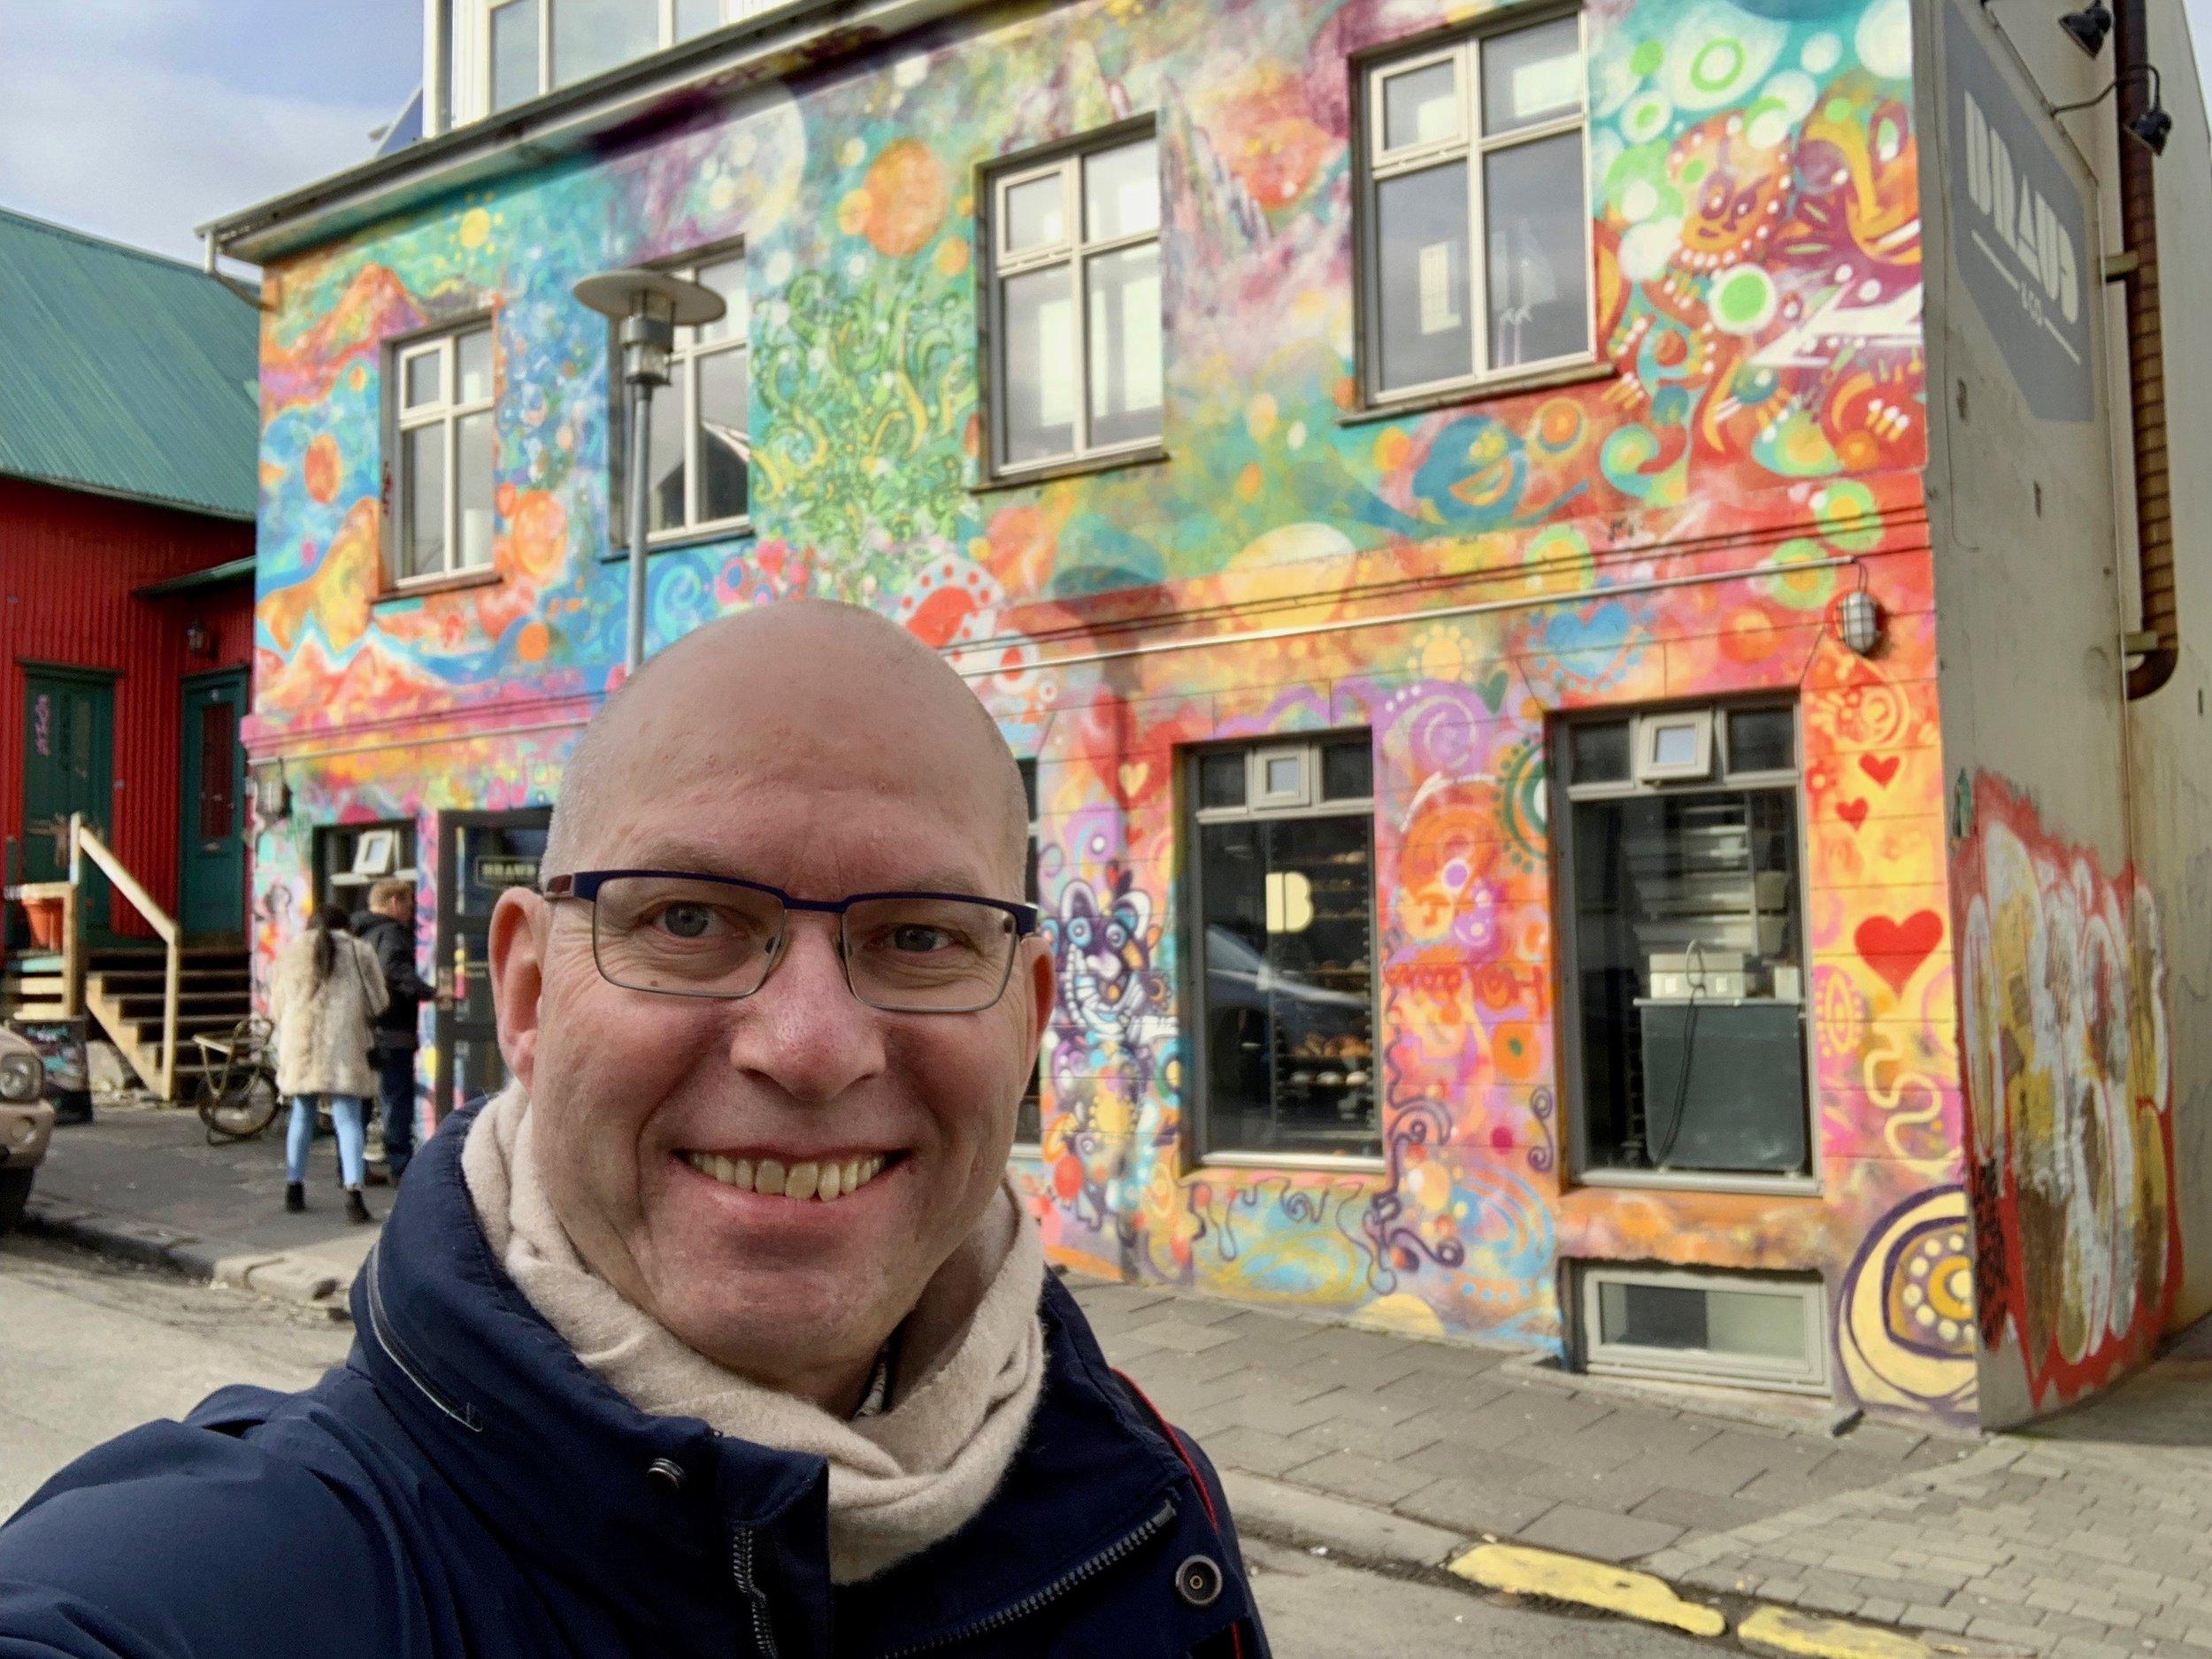 Bakeriutsalget Braud ligger i Frakkastígur 16 i Reykjavik og lyser virkelig opp i nabolaget.